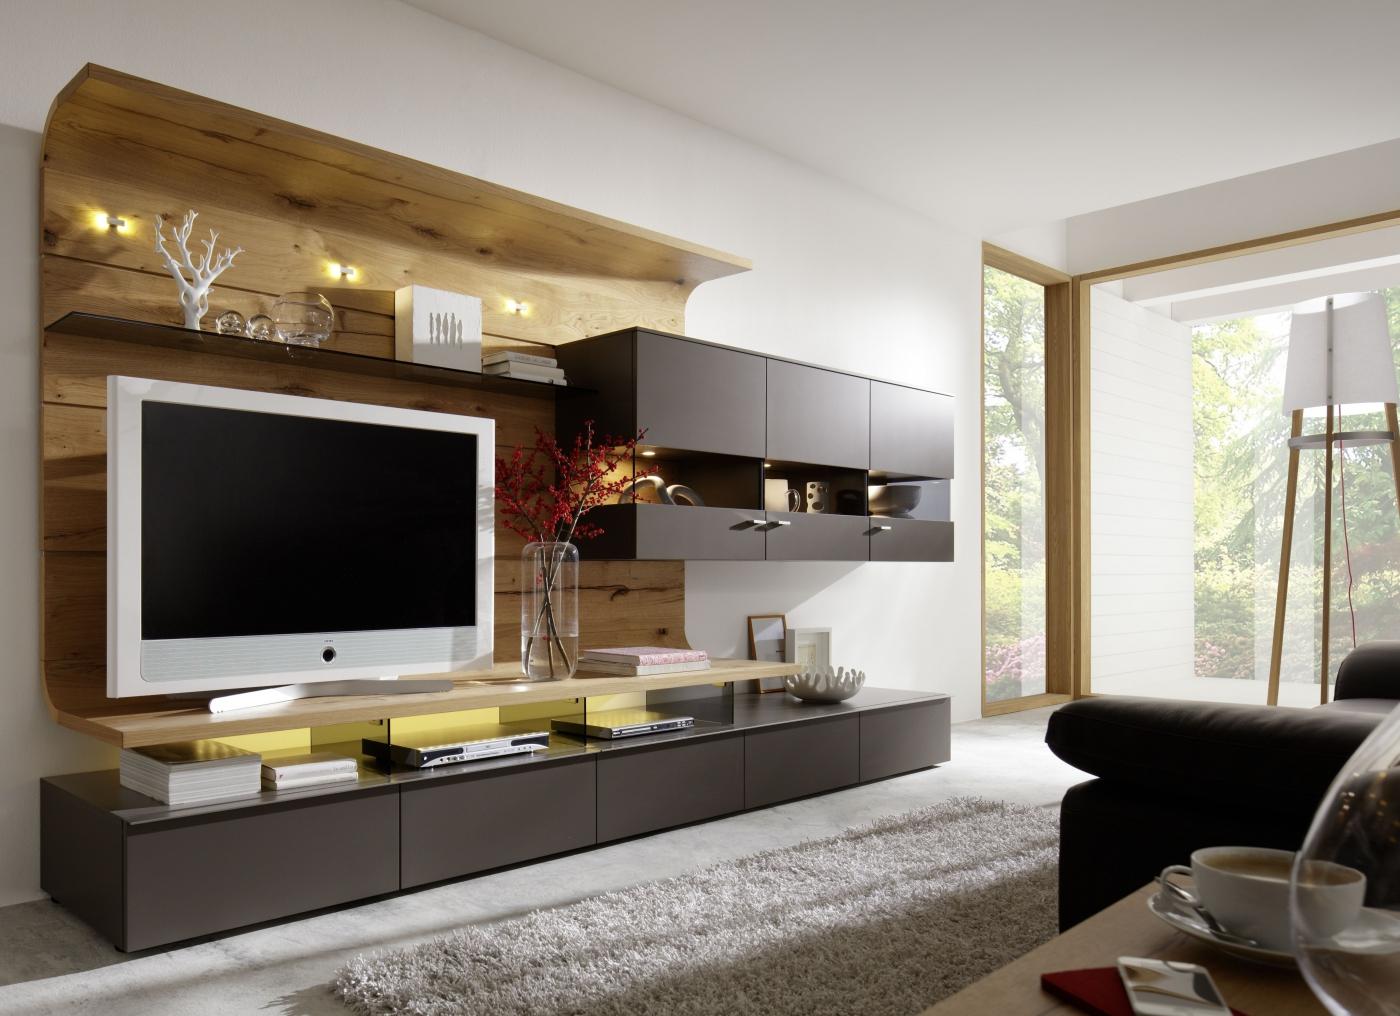 sortiment m bel euting gmbh. Black Bedroom Furniture Sets. Home Design Ideas